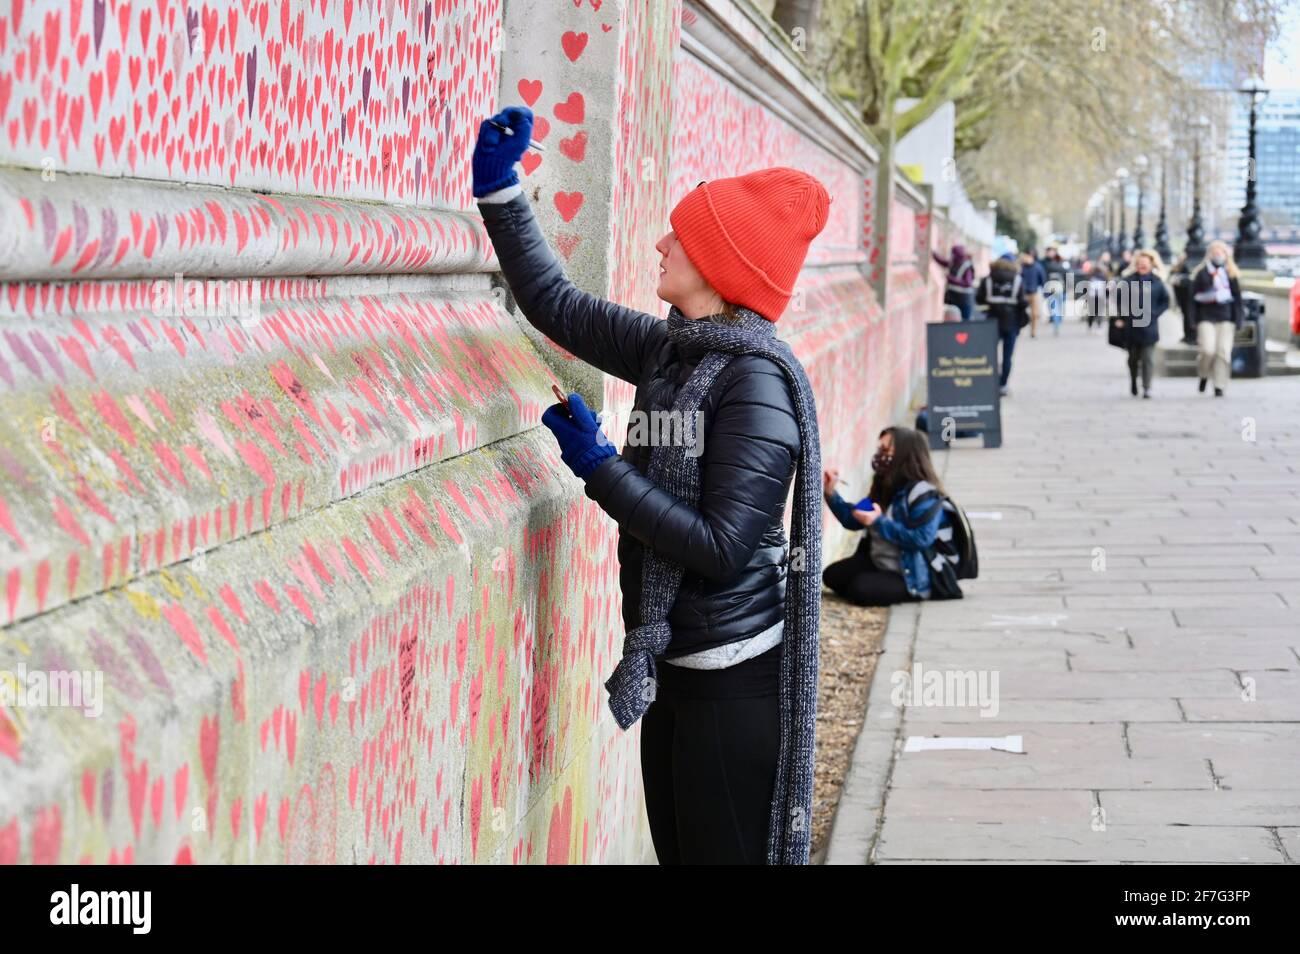 Londres. ROYAUME-UNI. Des coeurs continuent d'être ajoutés au mur commémoratif national du Covid à l'hôpital St. Thomas de Westminster, à la mémoire de ceux qui sont morts du coronavirus pendant la pandémie. Banque D'Images